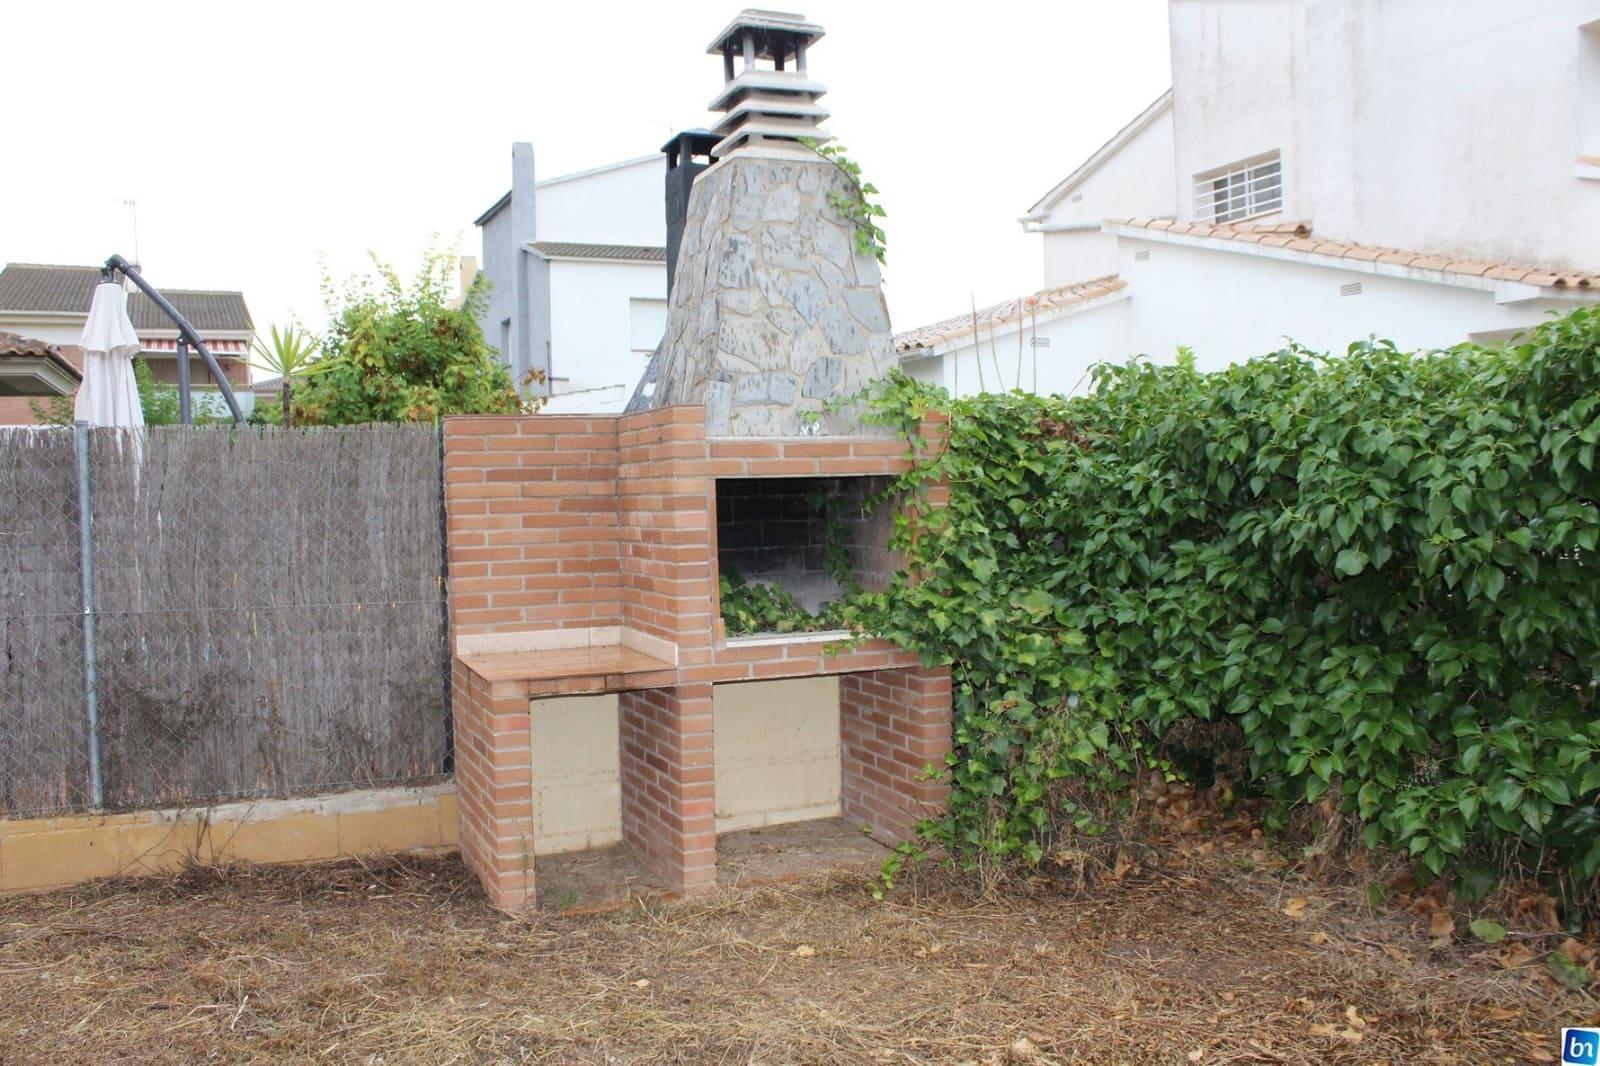 Chalet de 4 habitaciones en Torredembarra en venta con garaje - 298.500 € (Ref: 5009650)